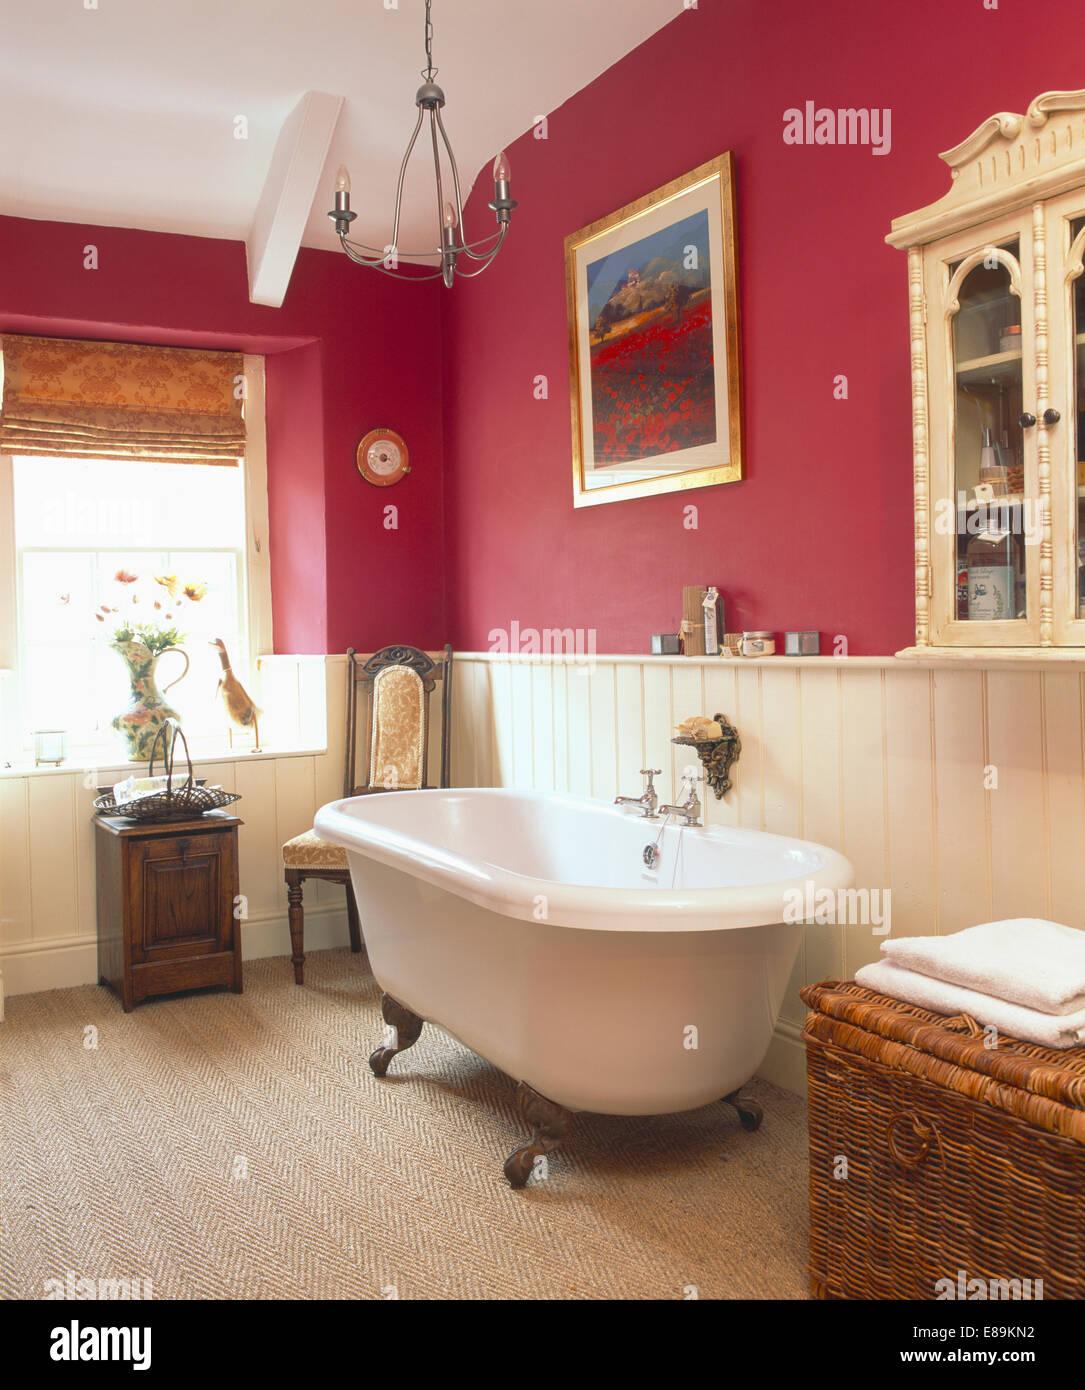 couvercle cylindrique en baignoire salle de bains rose fonc avec rainure languette cr me de. Black Bedroom Furniture Sets. Home Design Ideas